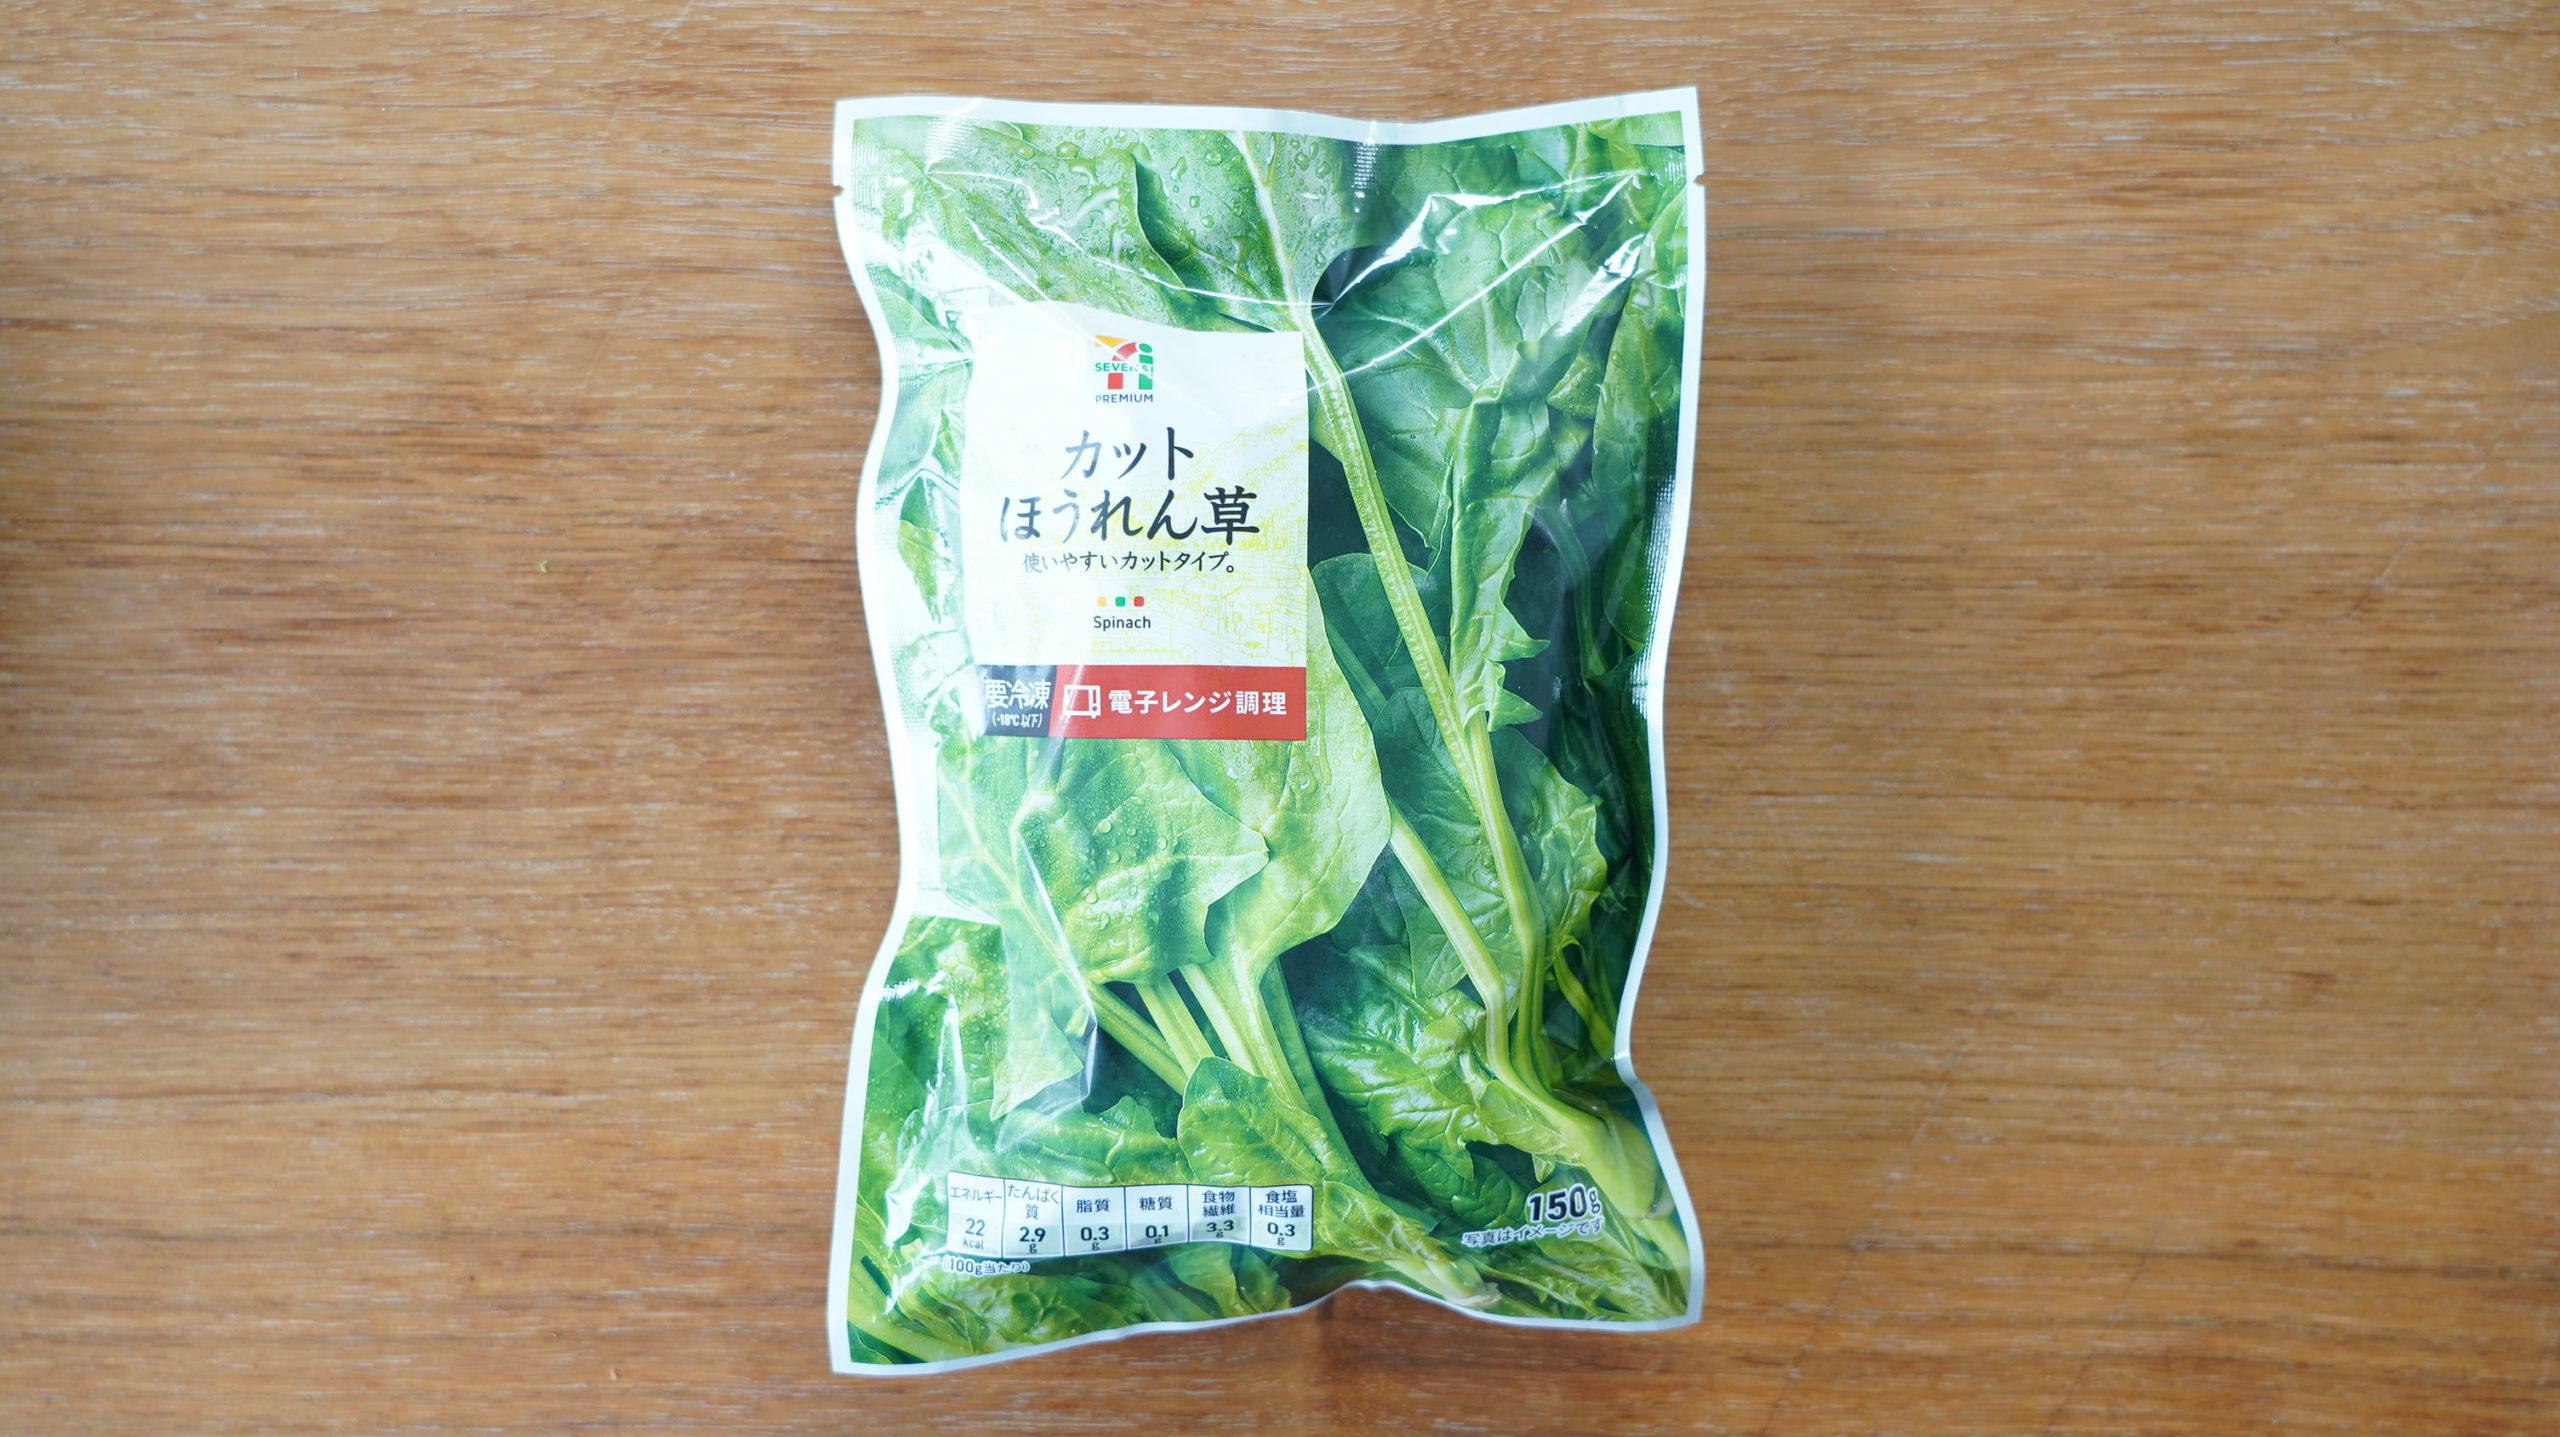 セブンイレブンのおすすめ冷凍食品「カットほうれん草」のパッケージ写真